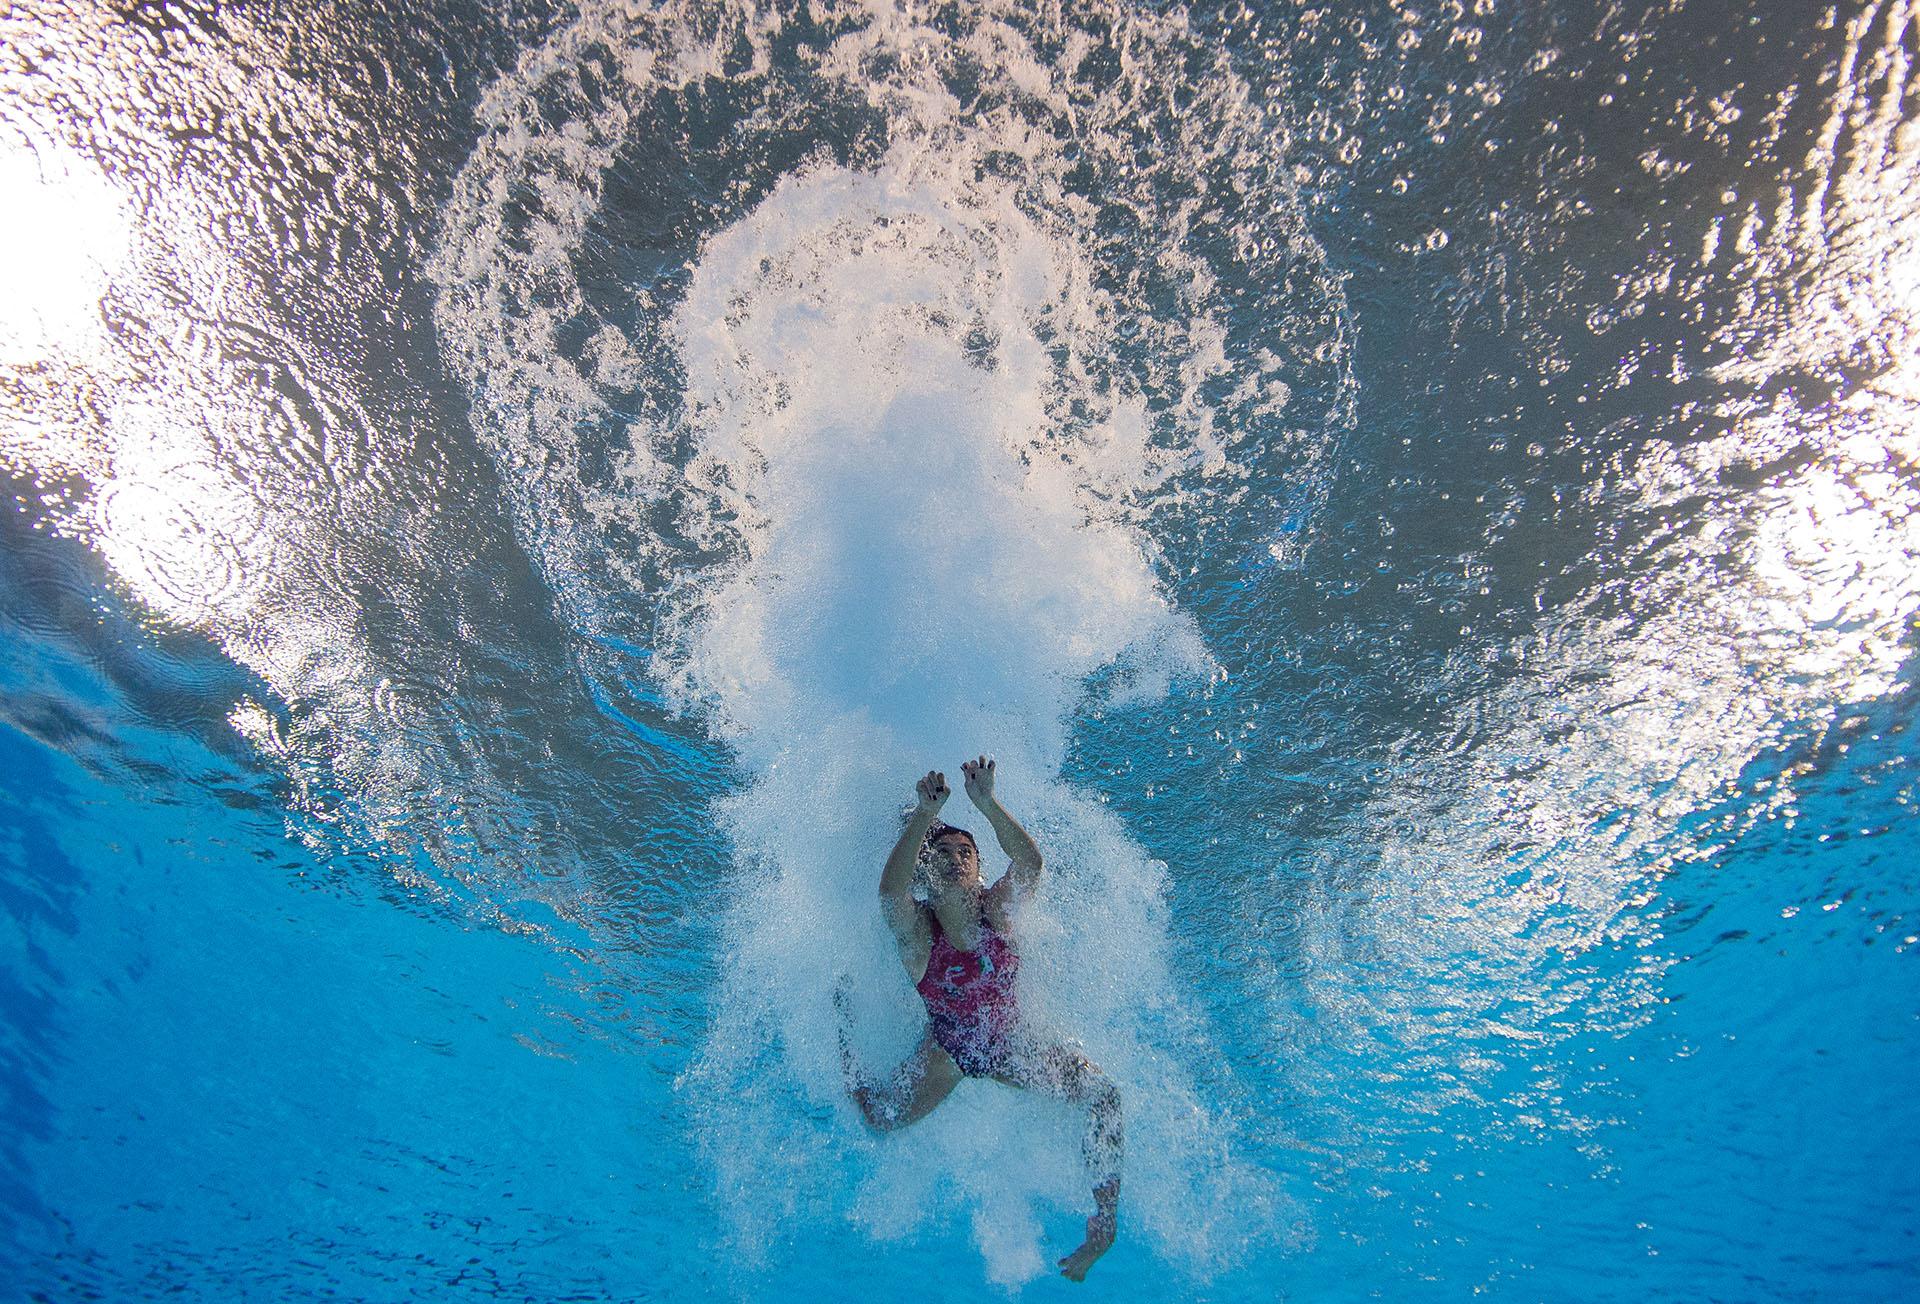 Brillante captura de la nadadora mexicana Gabriela Belem Agundes Garcia, antes de las preliminares de Buceo Femenino en el natatorio del Parque Olímpico de los Juegos de la Juventud 2018 celebrados en Buenos Aires (AFP)